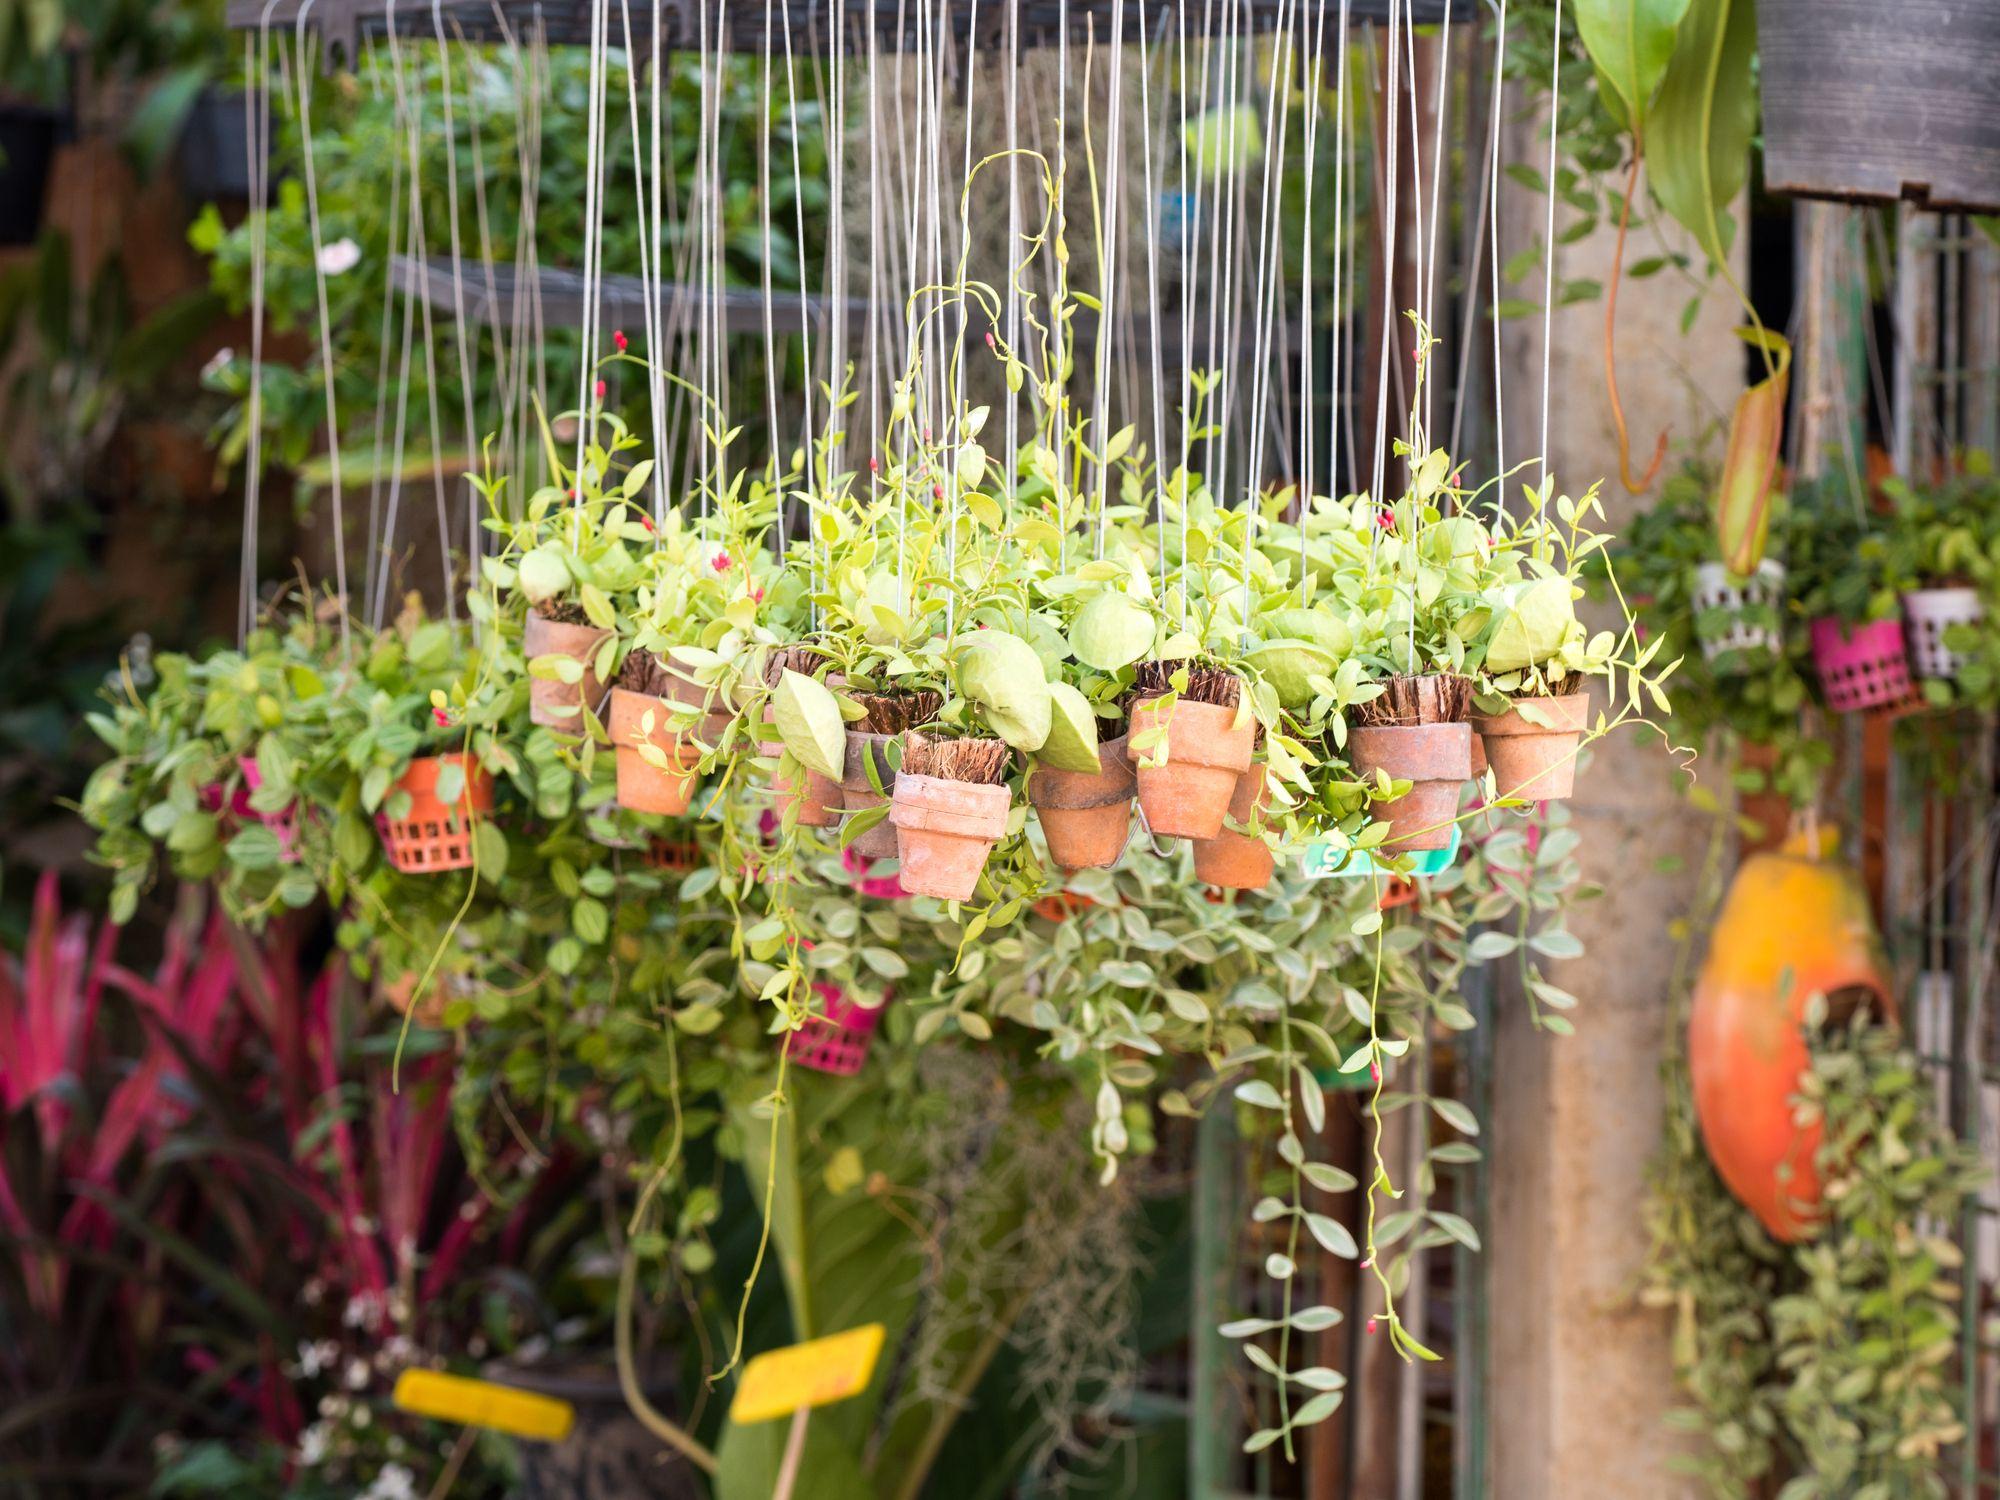 Hanging plant pots - Insta gardening - Argos garden trends 2018